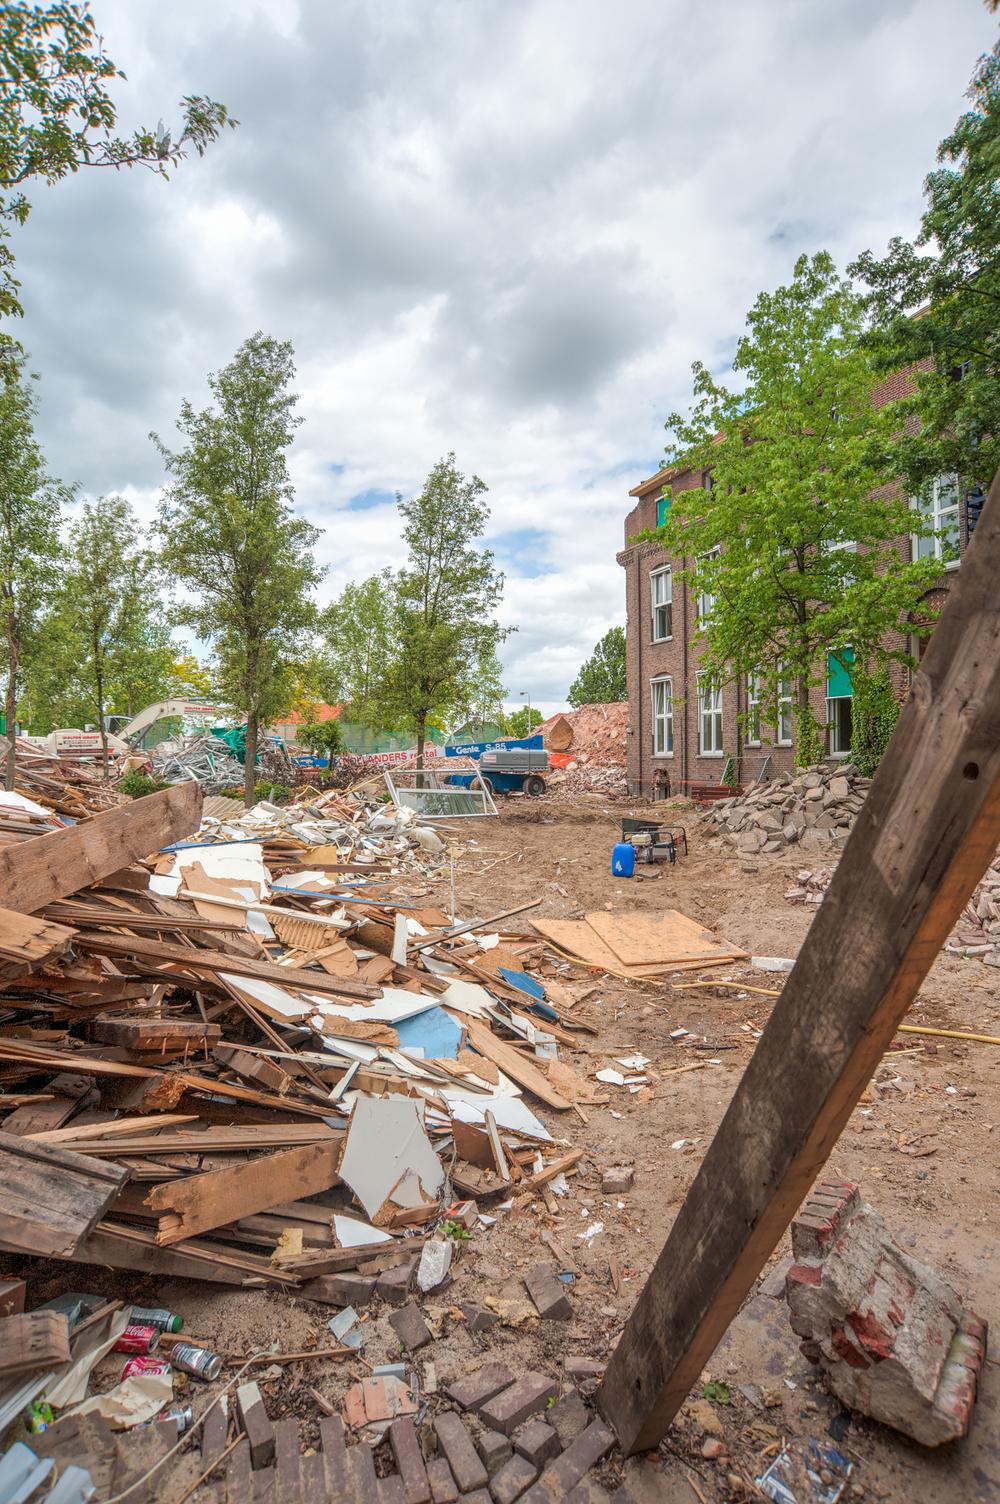 Rector_Driessenstraat-165.jpg